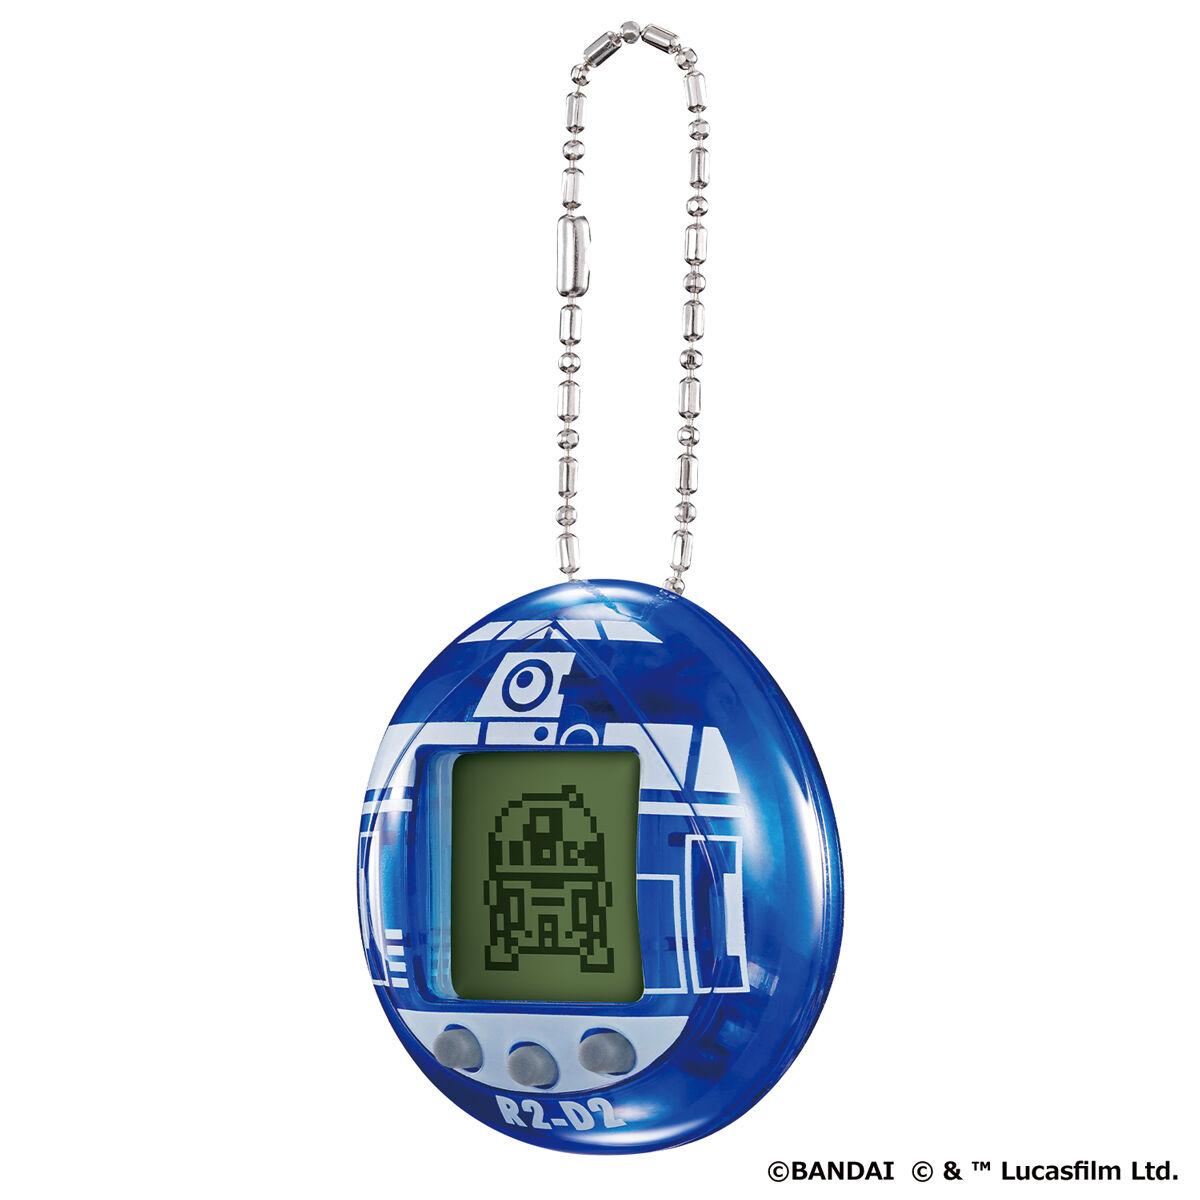 スターウォーズ『R2-D2 TAMAGOTCHI Classic color ver.』たまごっちnano-007